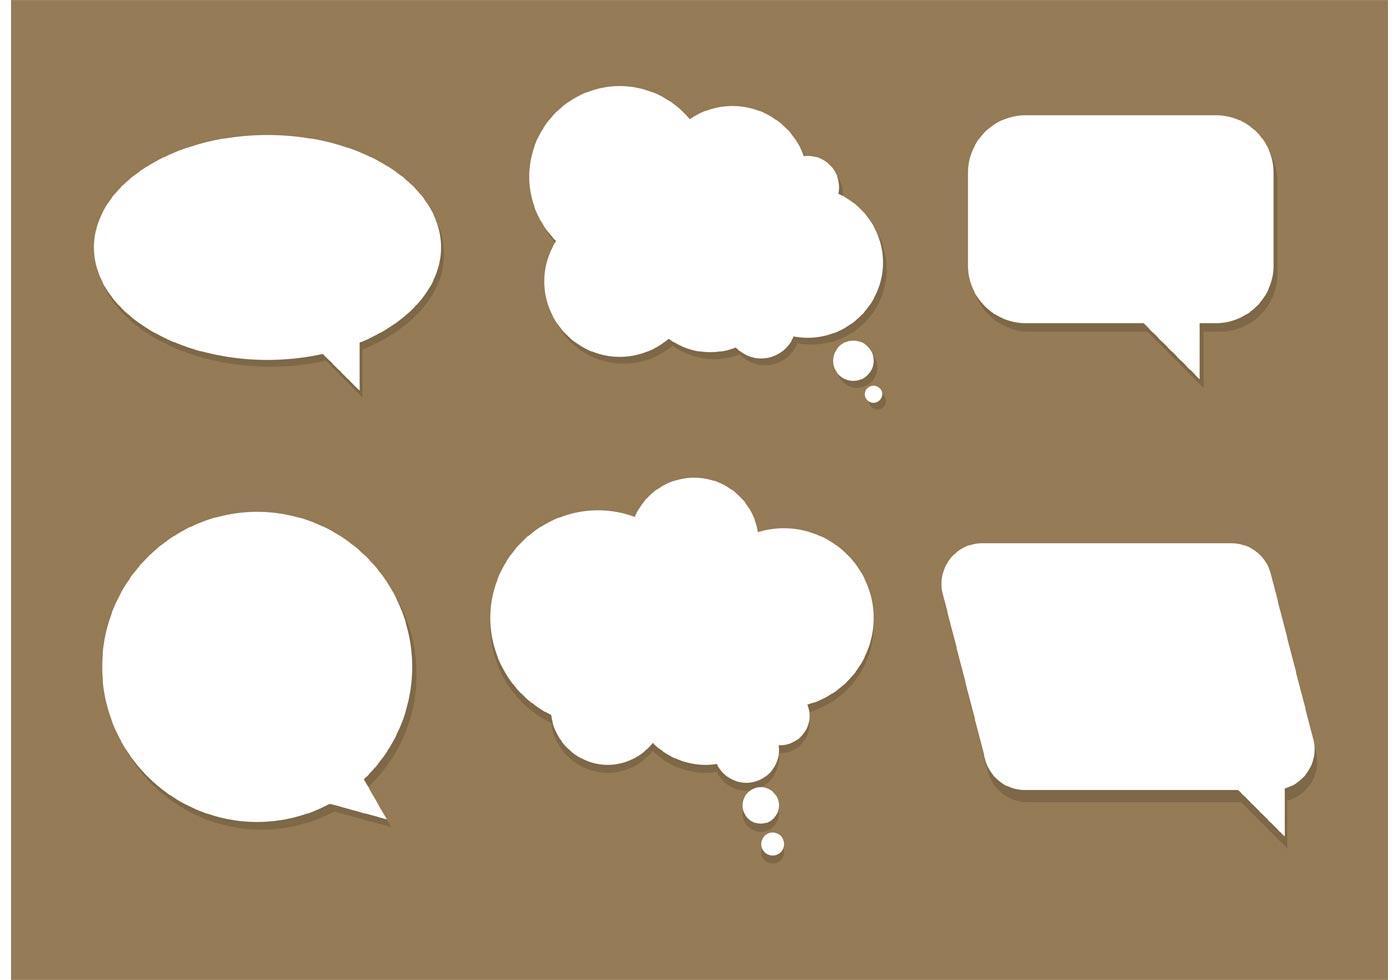 對話框素材